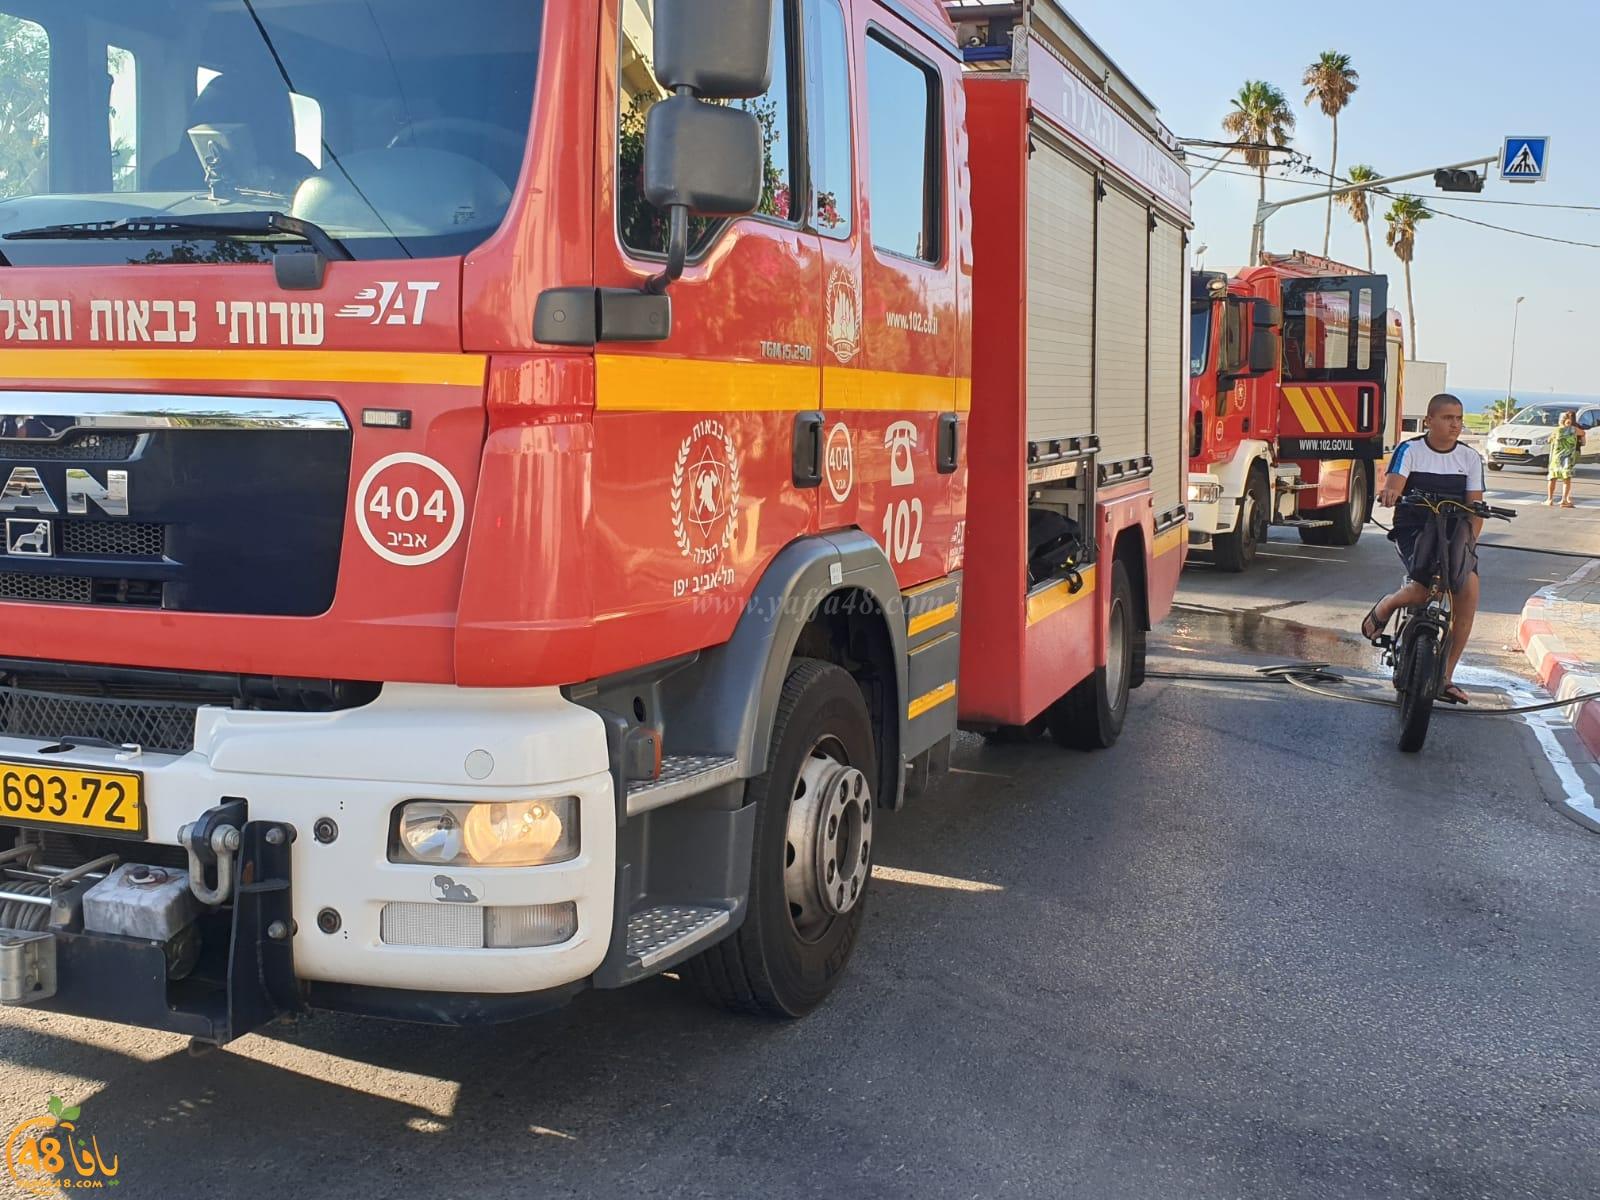 بالفيديو: حريق داخل منجرة بيافا وطواقم الاطفائية تهرع للمكان